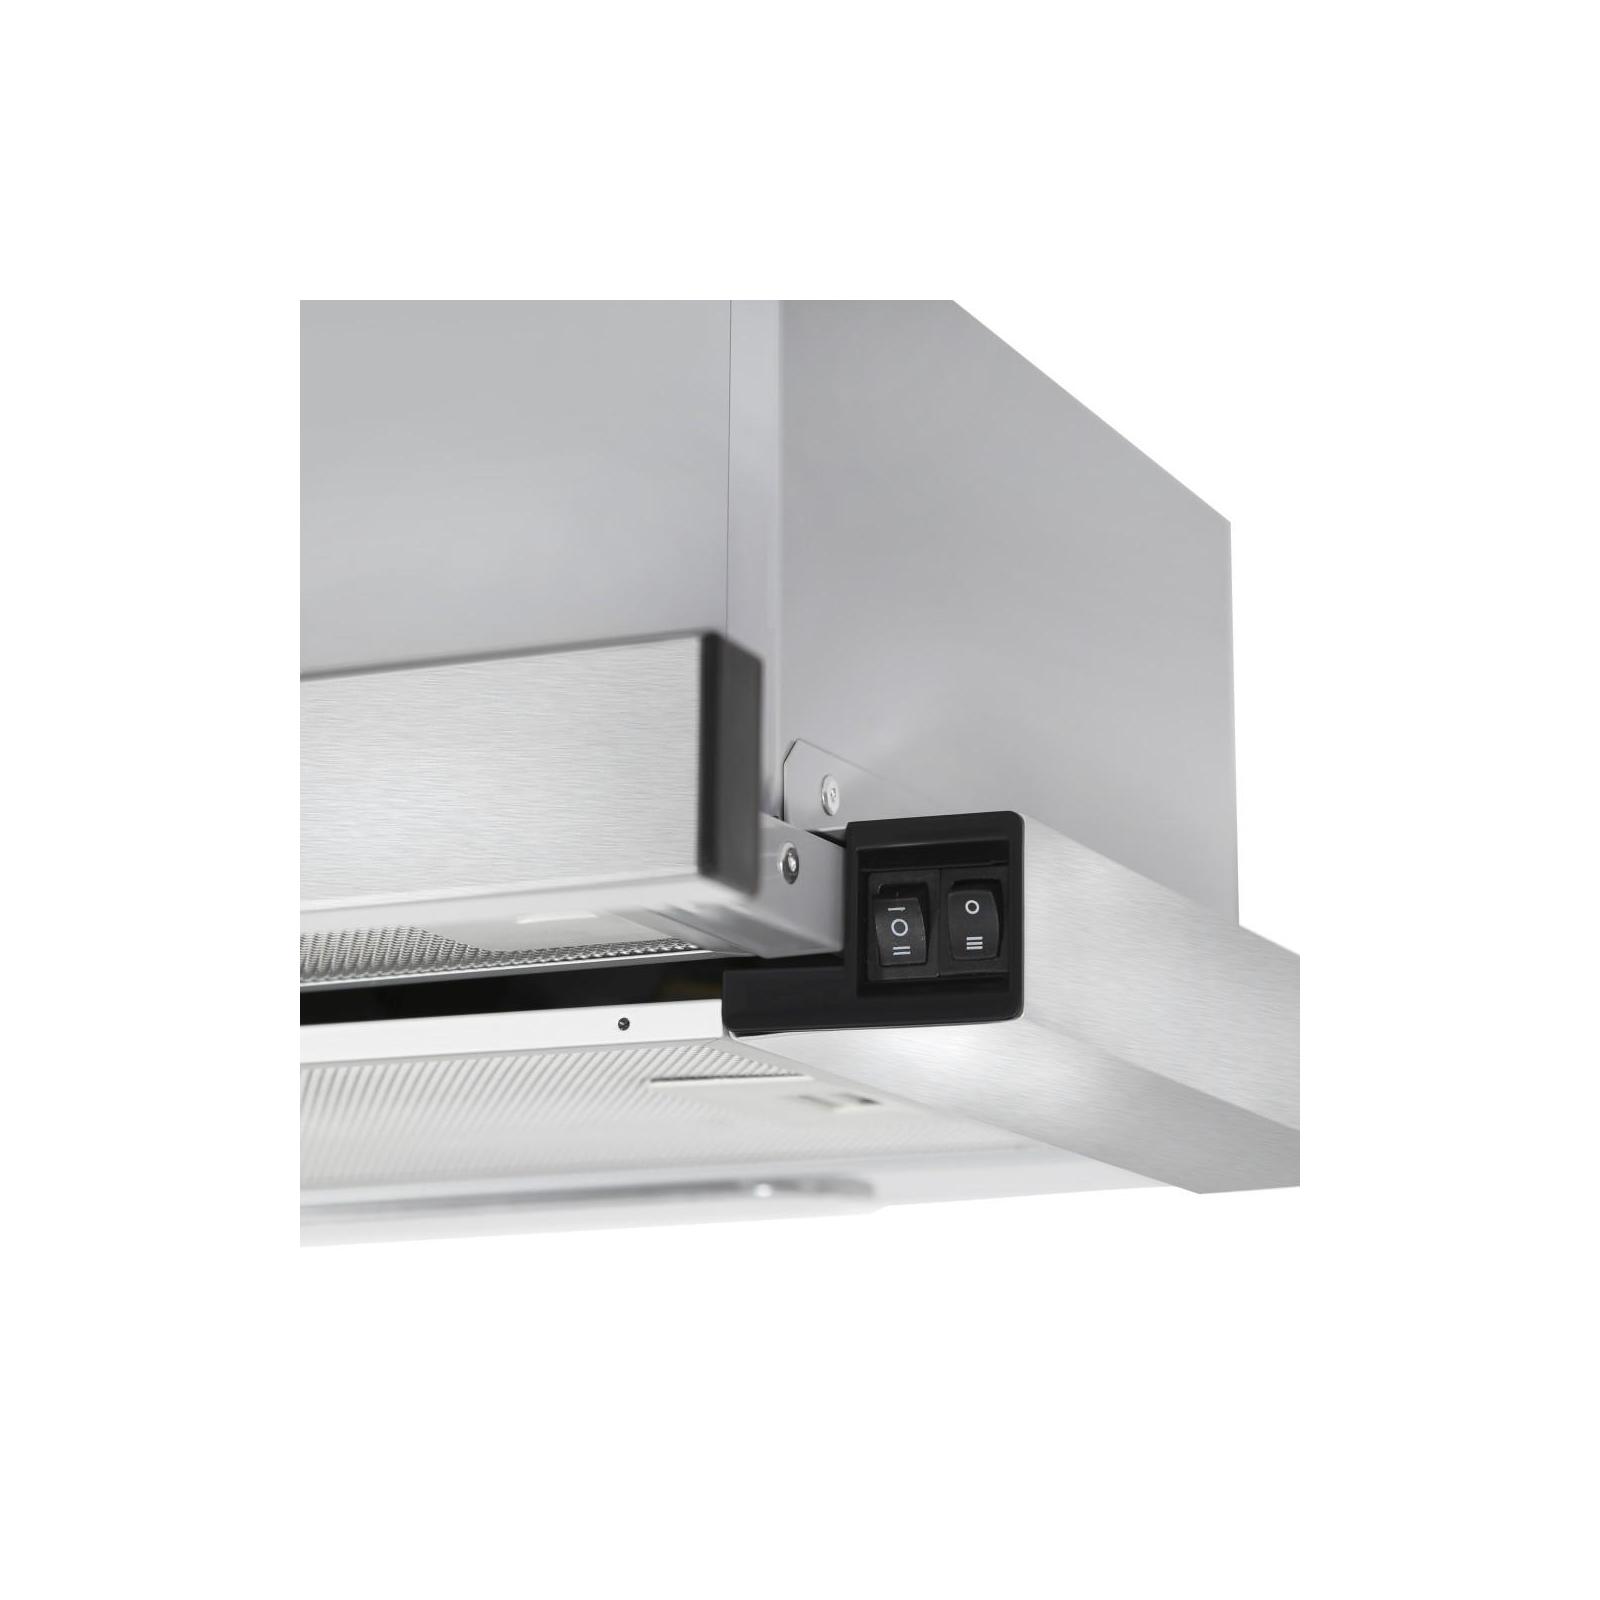 Вытяжка кухонная MINOLA HTL 6010 FULL INOX 430 изображение 6